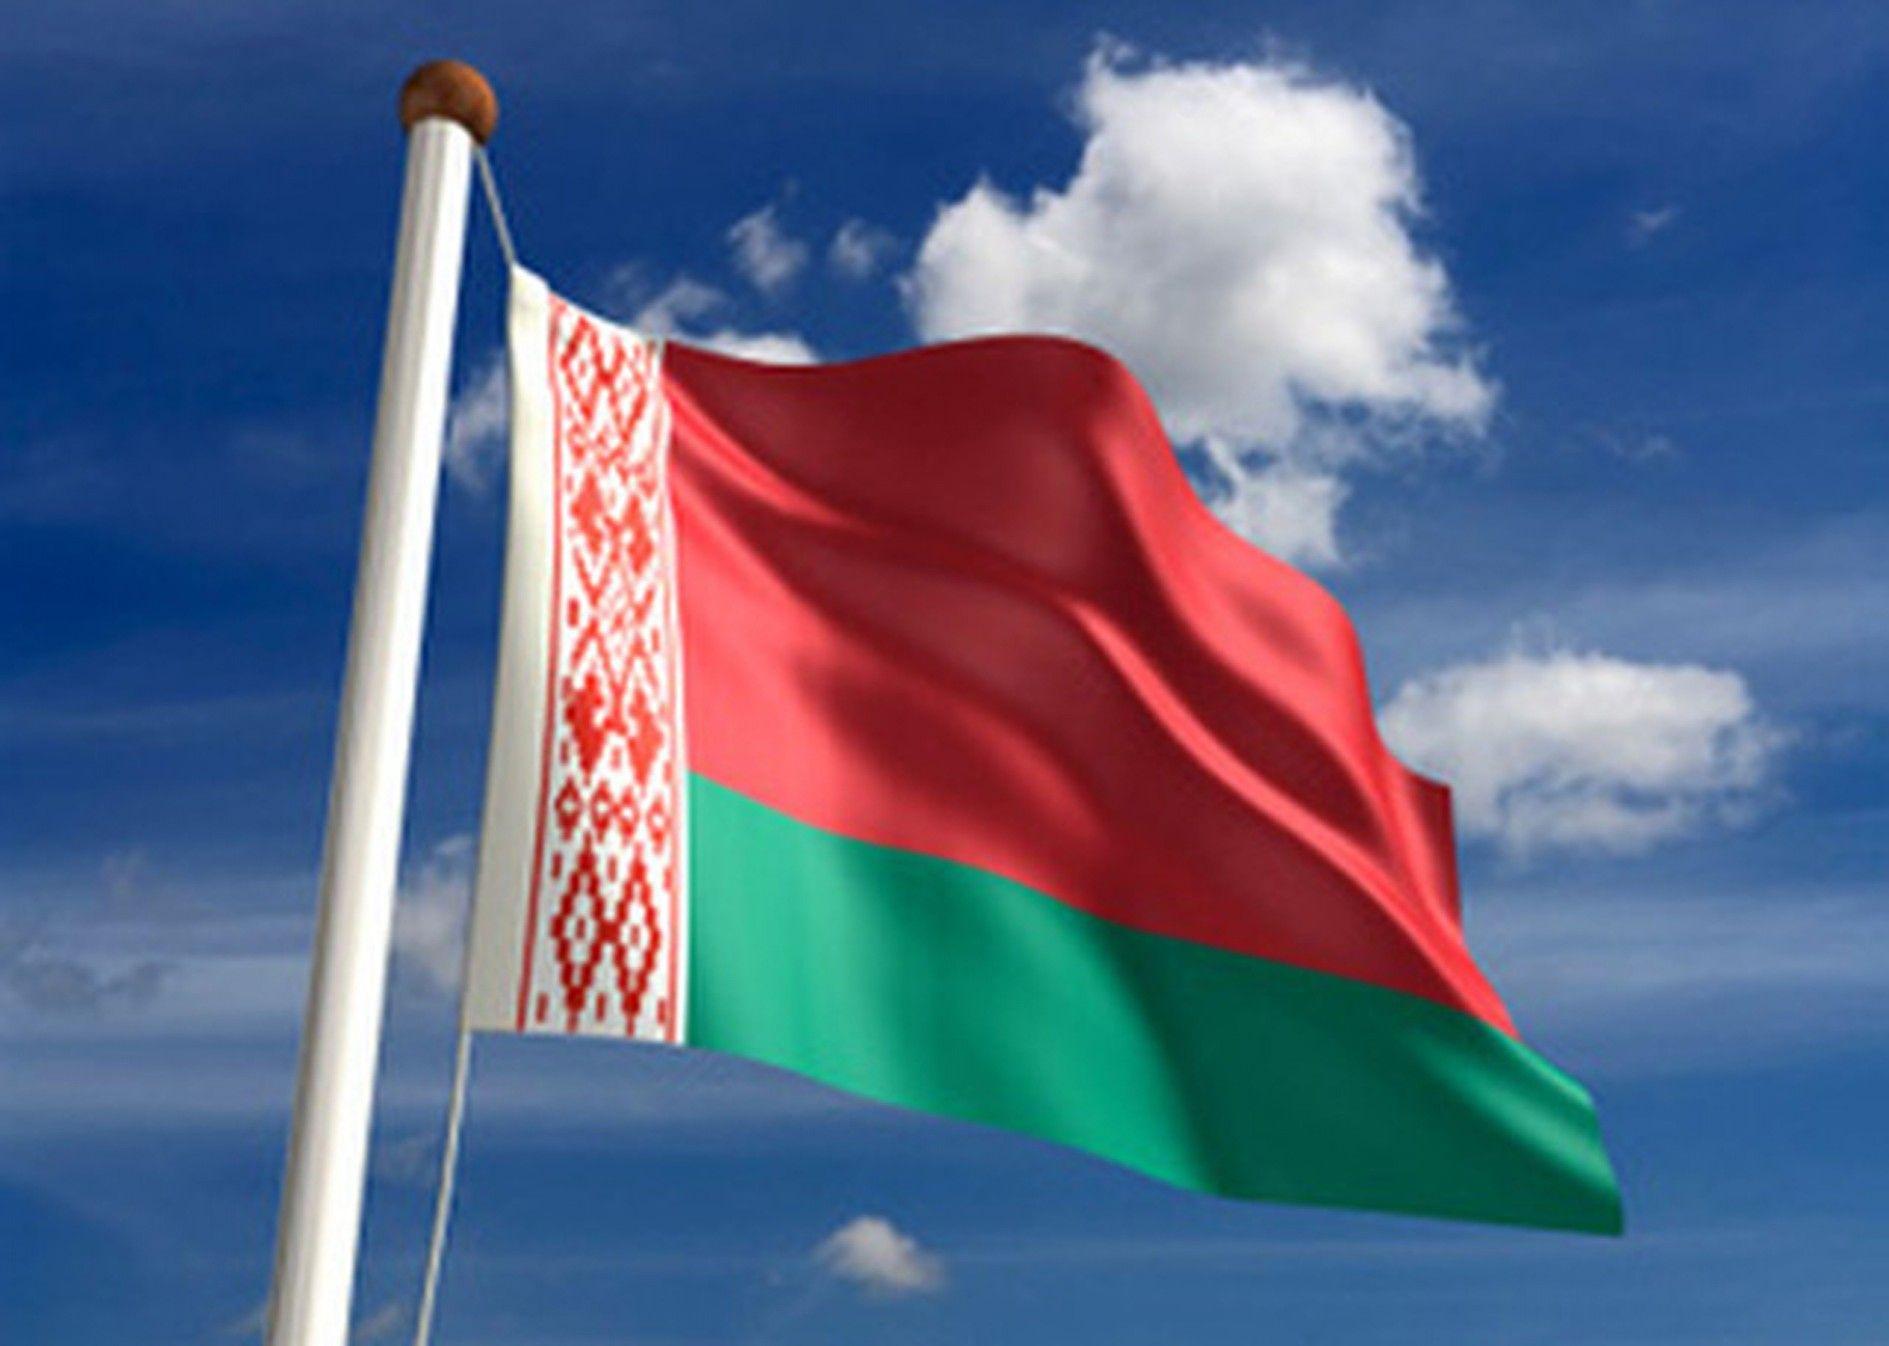 У Білорусі заявили, що завжди відкрито голосують проти країнових резолюцій / yarnovosti.com